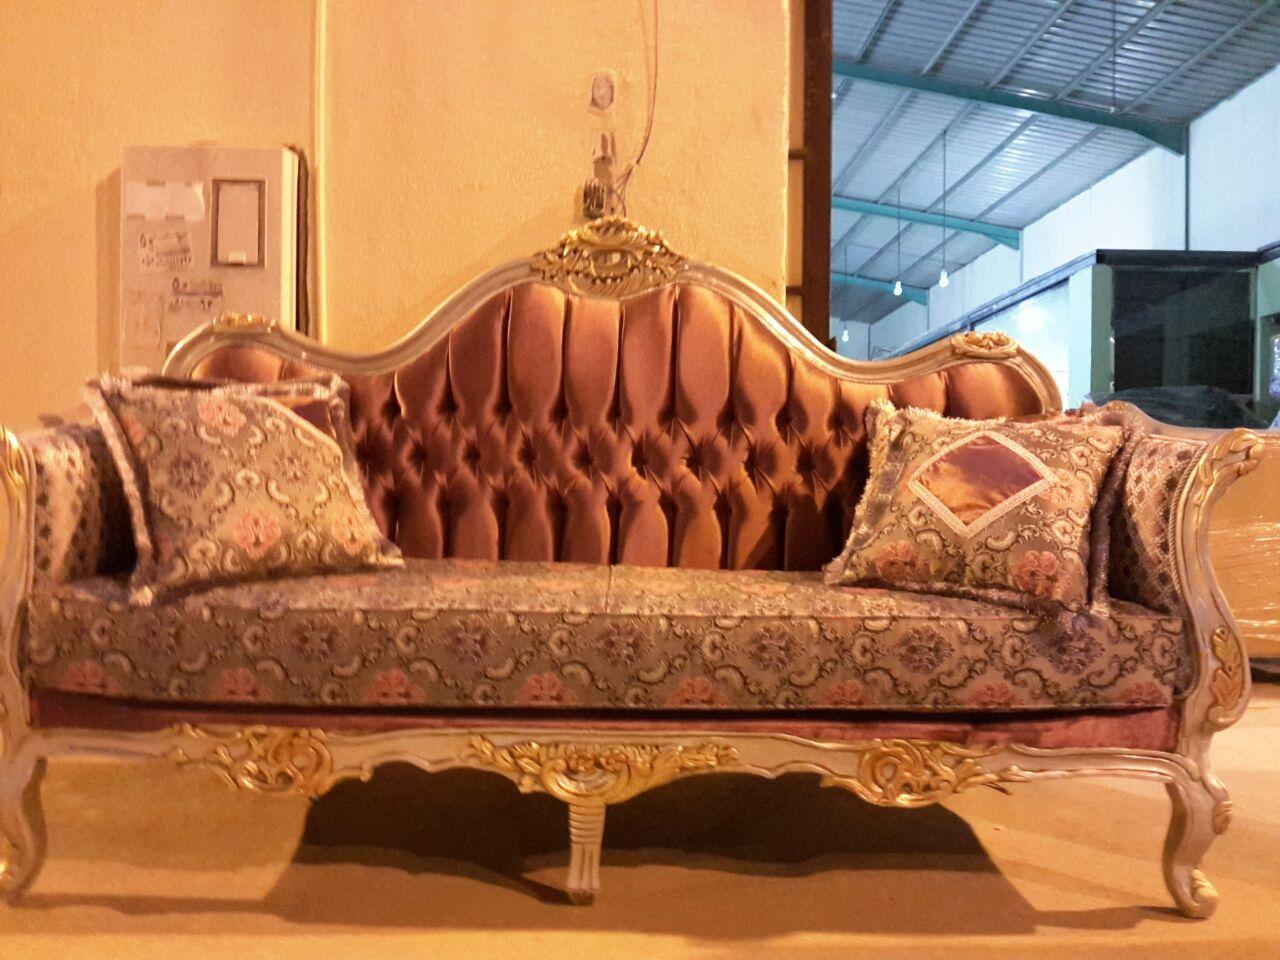 محلات اثاث بالرياض افضل محلات تصميم وتنفيذ افضل موديلات الاثاث غرف نوم مجالس كنب اريكه غرف طعام سفره شغل دمياطى اصلى نحن Antique Sofa Love Seat Chaise Lounge